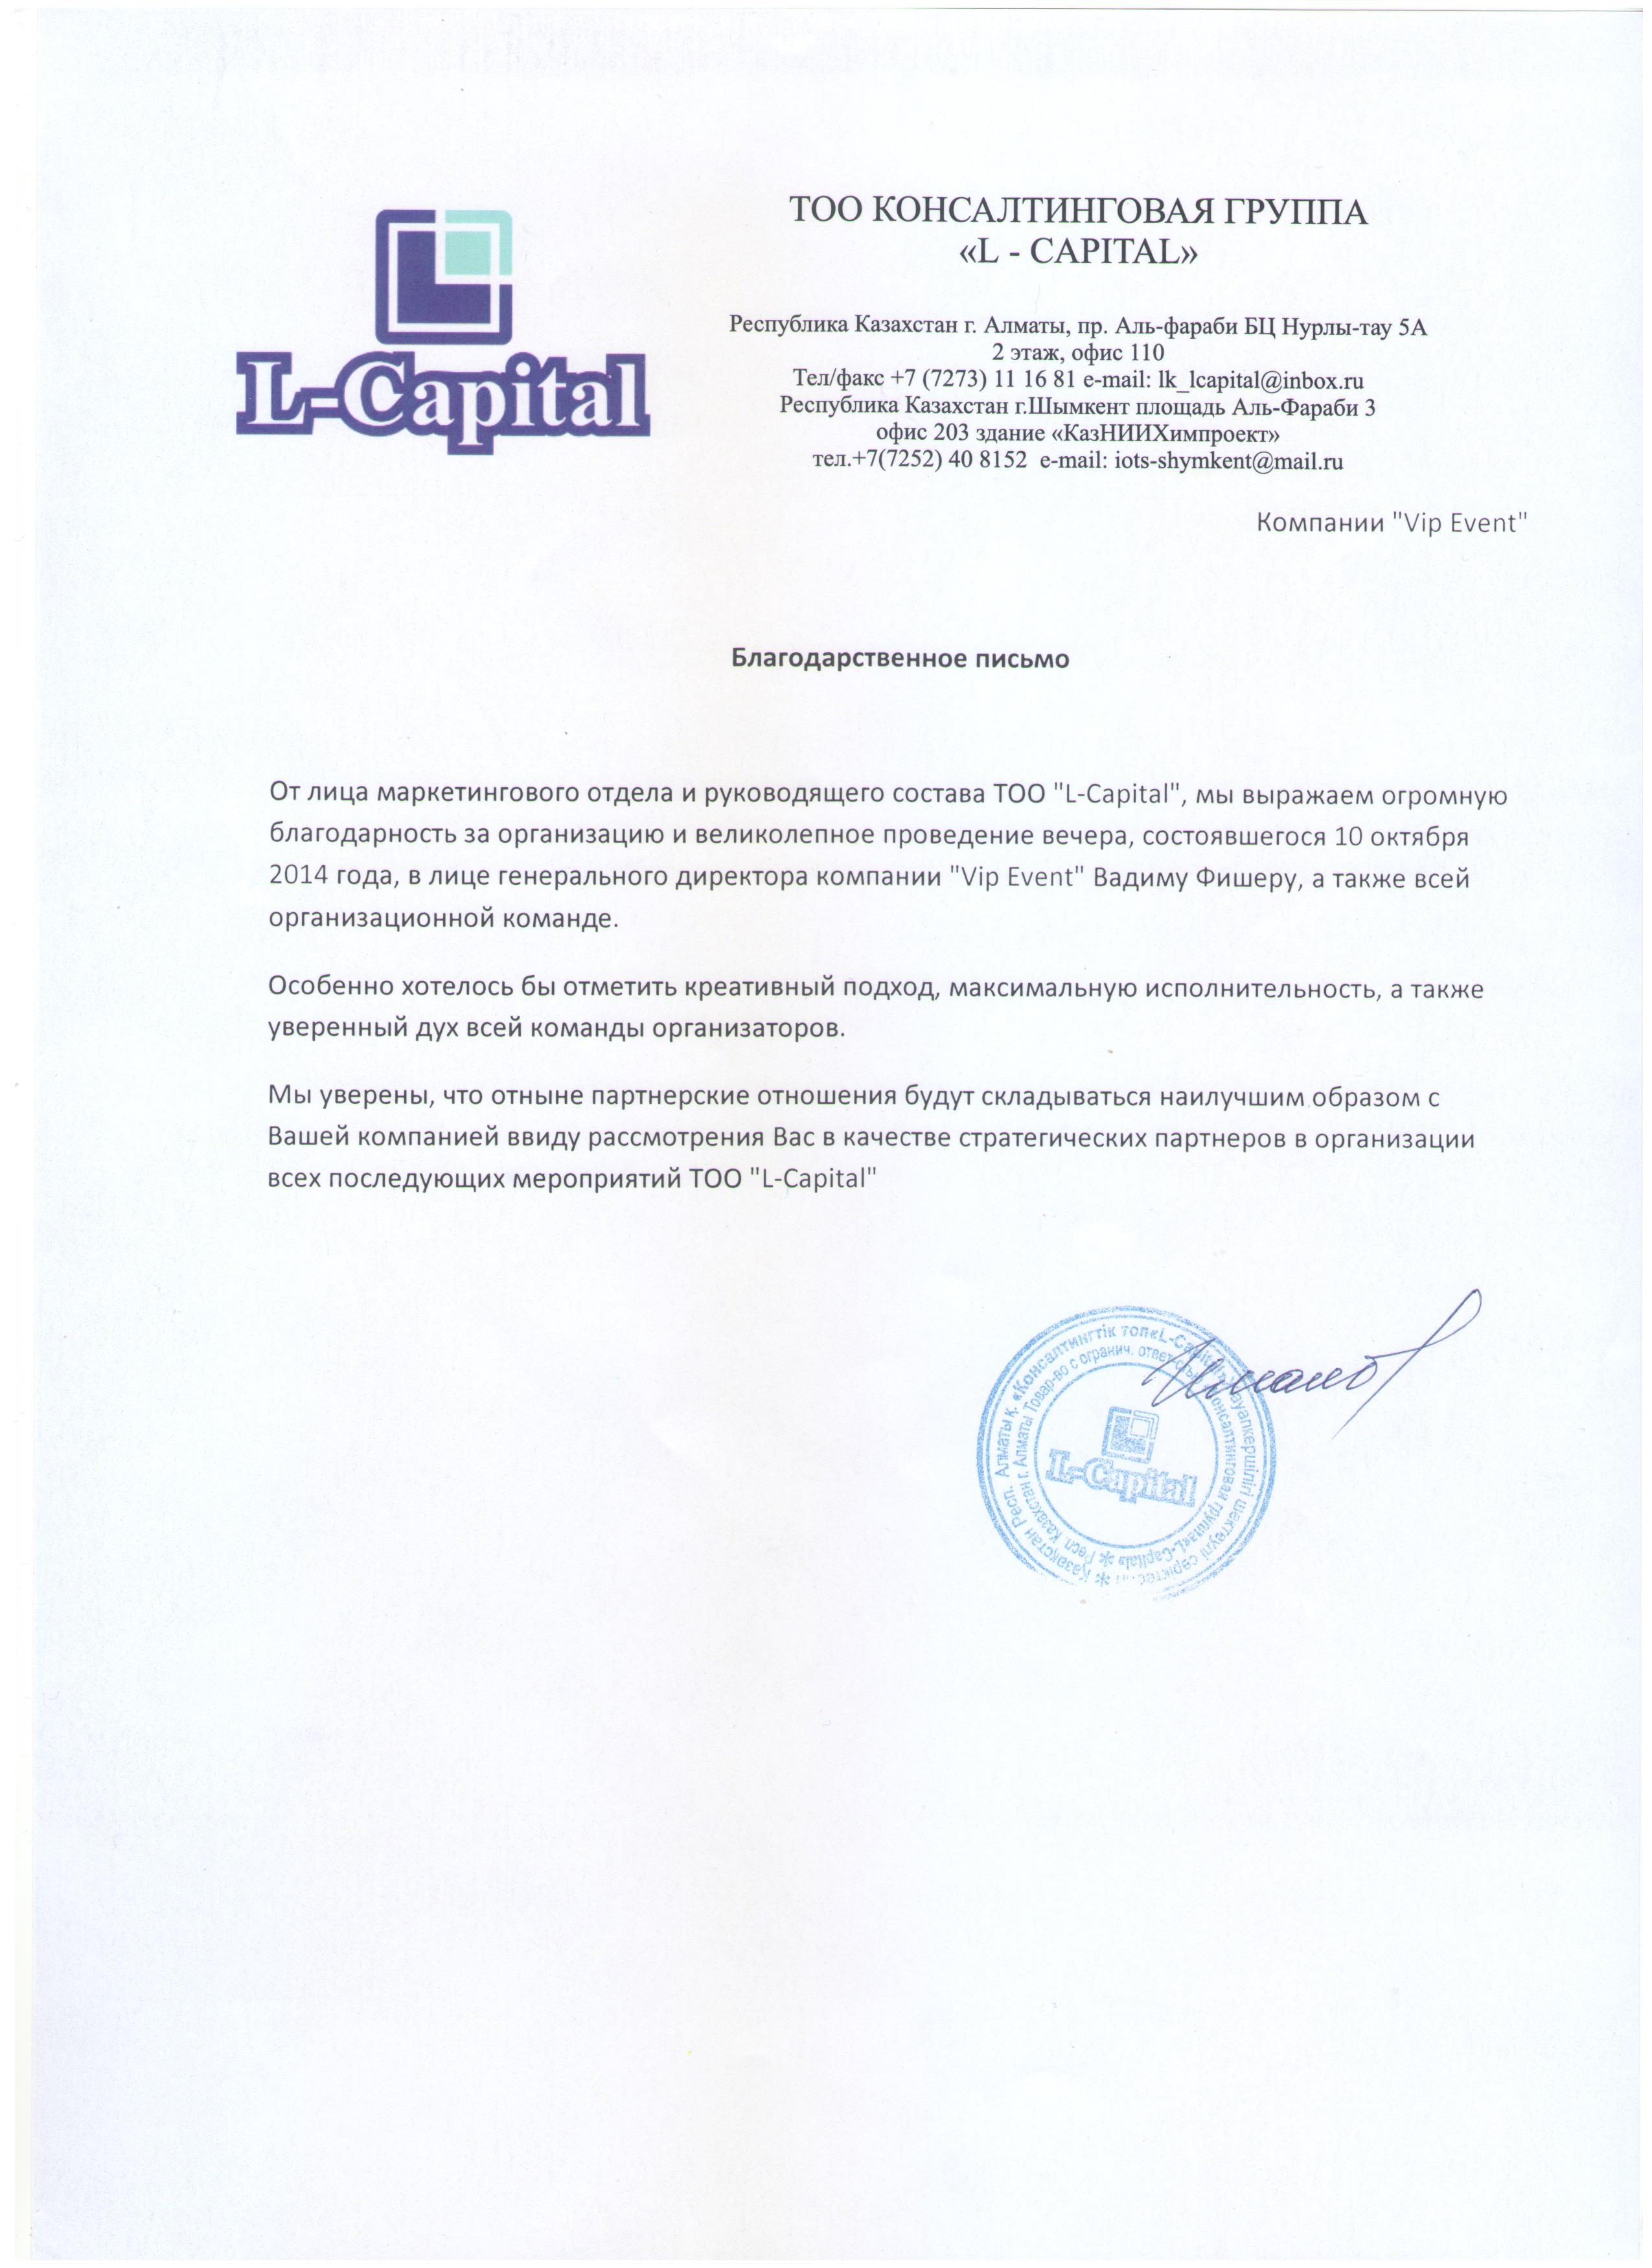 L-Capital